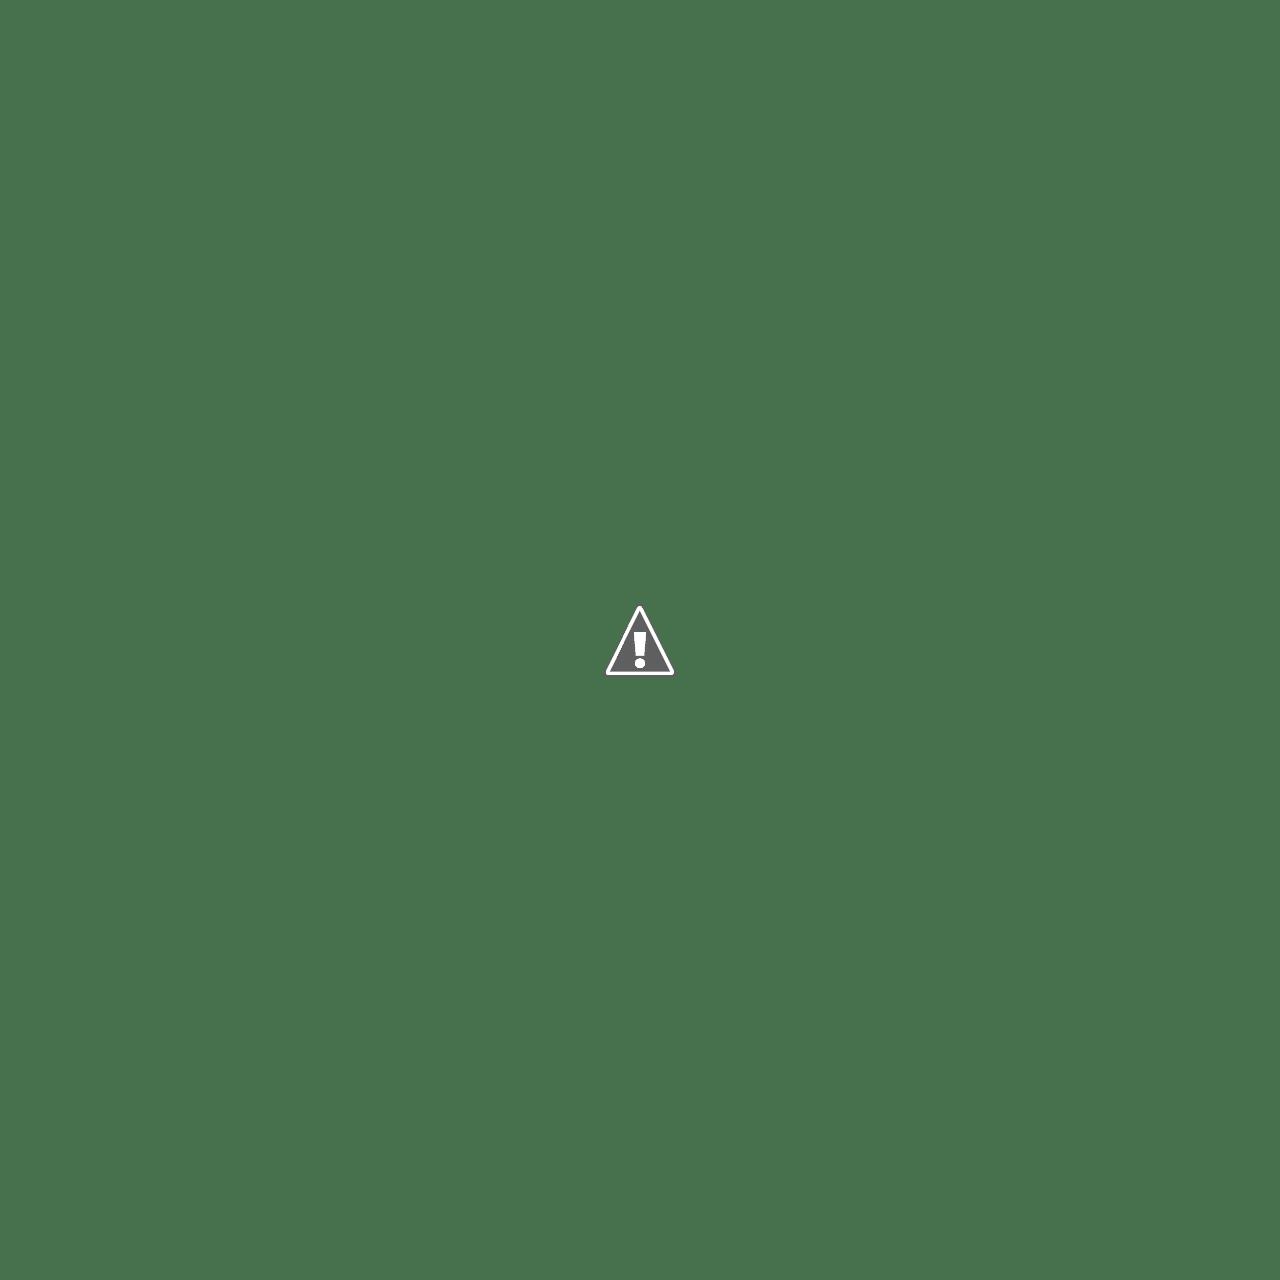 REPARACIÓN DE SILLAS OFICINA,ARCHIVADORES,MANTENIMIENTO .OFICALI ...